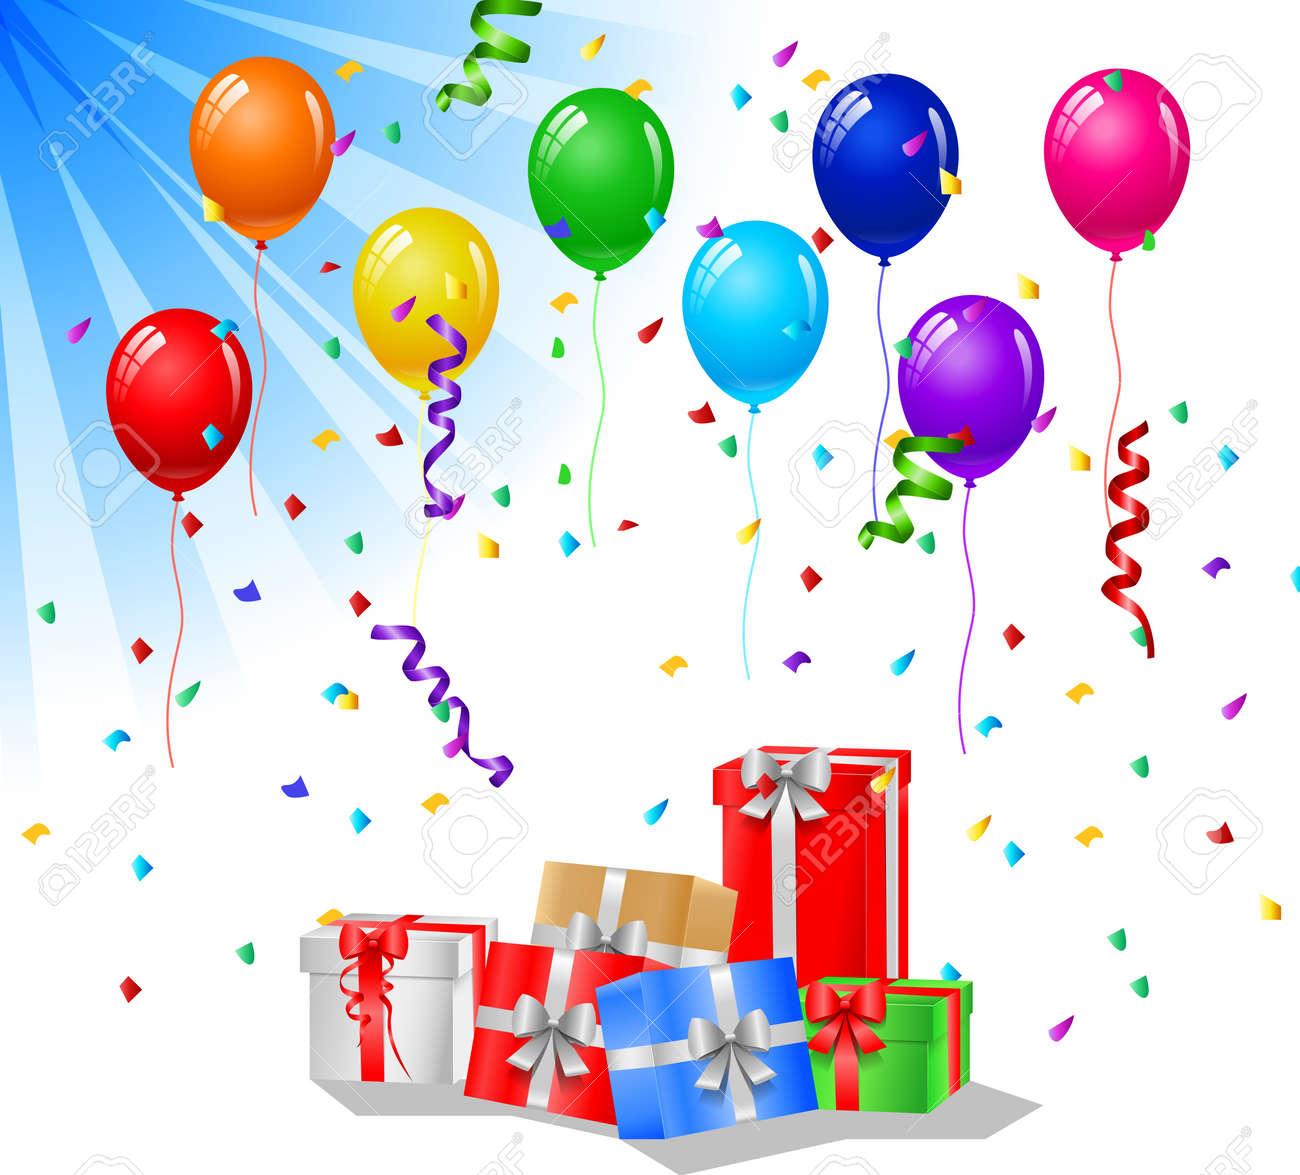 Серпантин поздравлений на день рождения 278